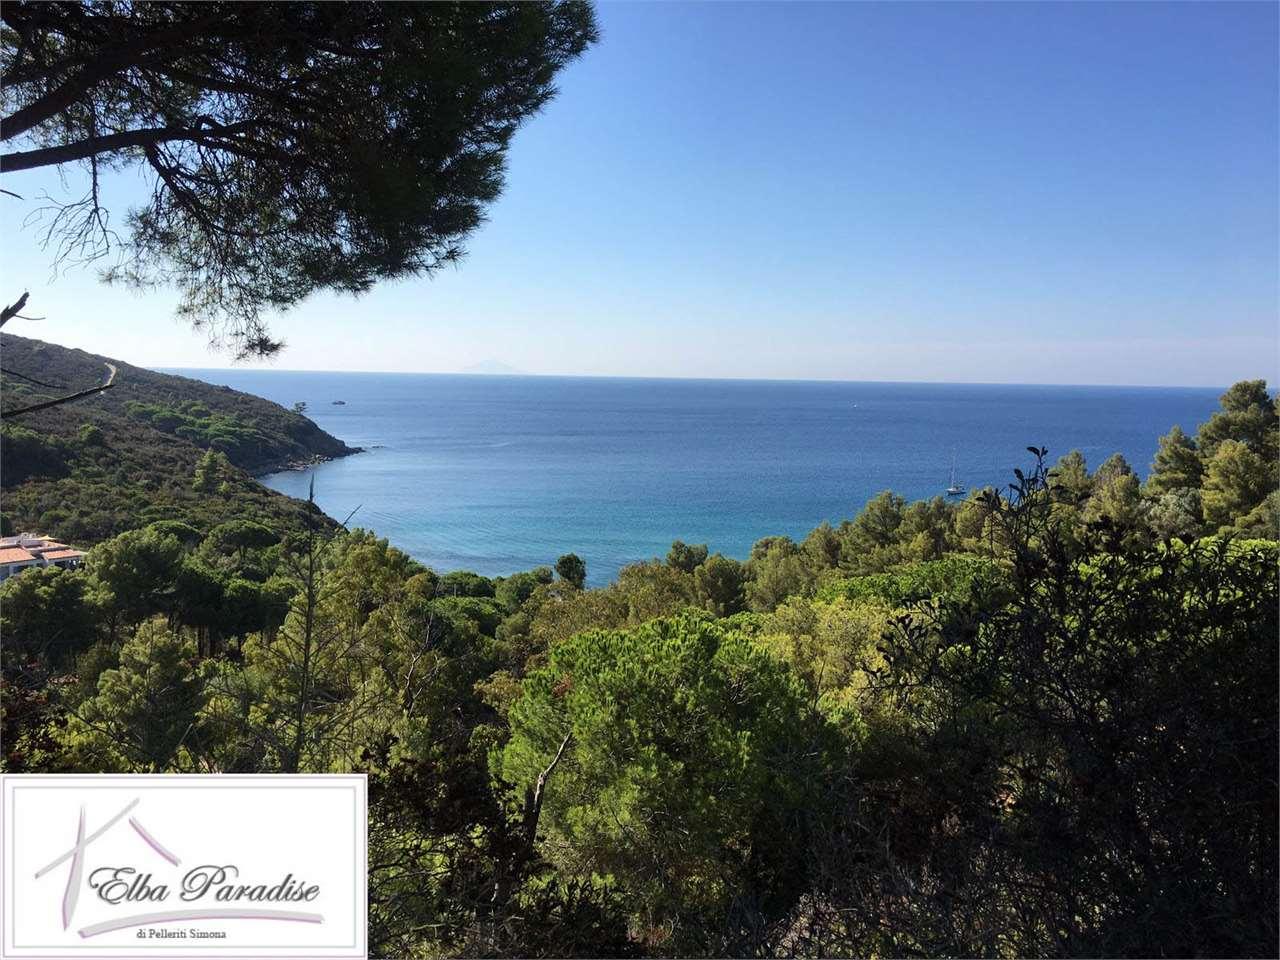 Appartamento in vendita a Campo nell'Elba, 3 locali, zona Località: Prima Campagna, prezzo € 190.000 | PortaleAgenzieImmobiliari.it